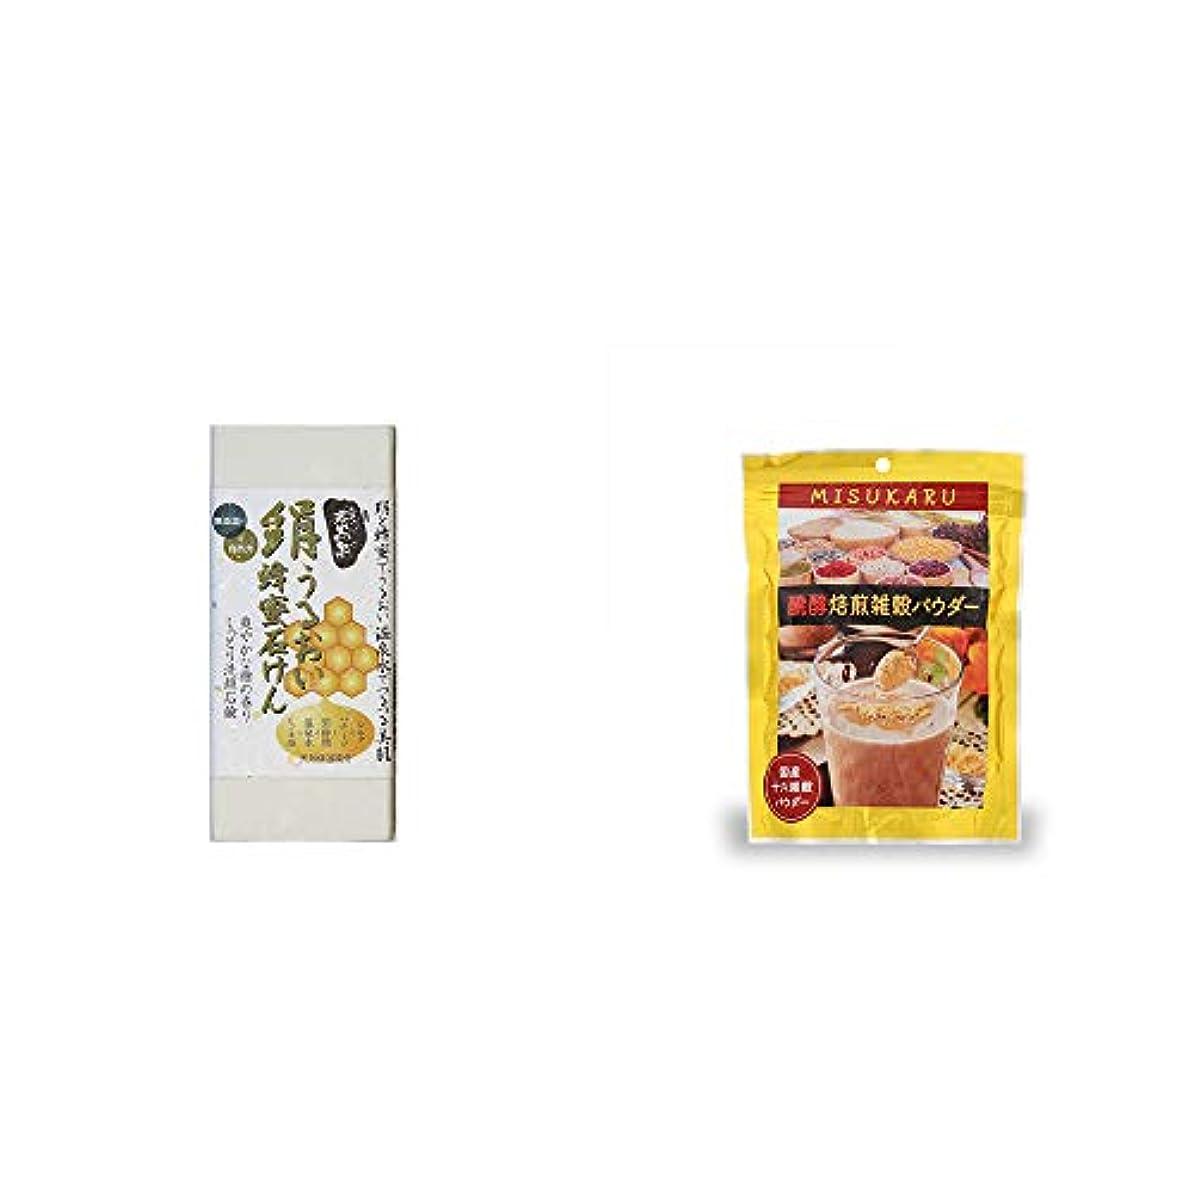 ギャングわずかに追放する[2点セット] ひのき炭黒泉 絹うるおい蜂蜜石けん(75g×2)?醗酵焙煎雑穀パウダー MISUKARU(ミスカル)(200g)